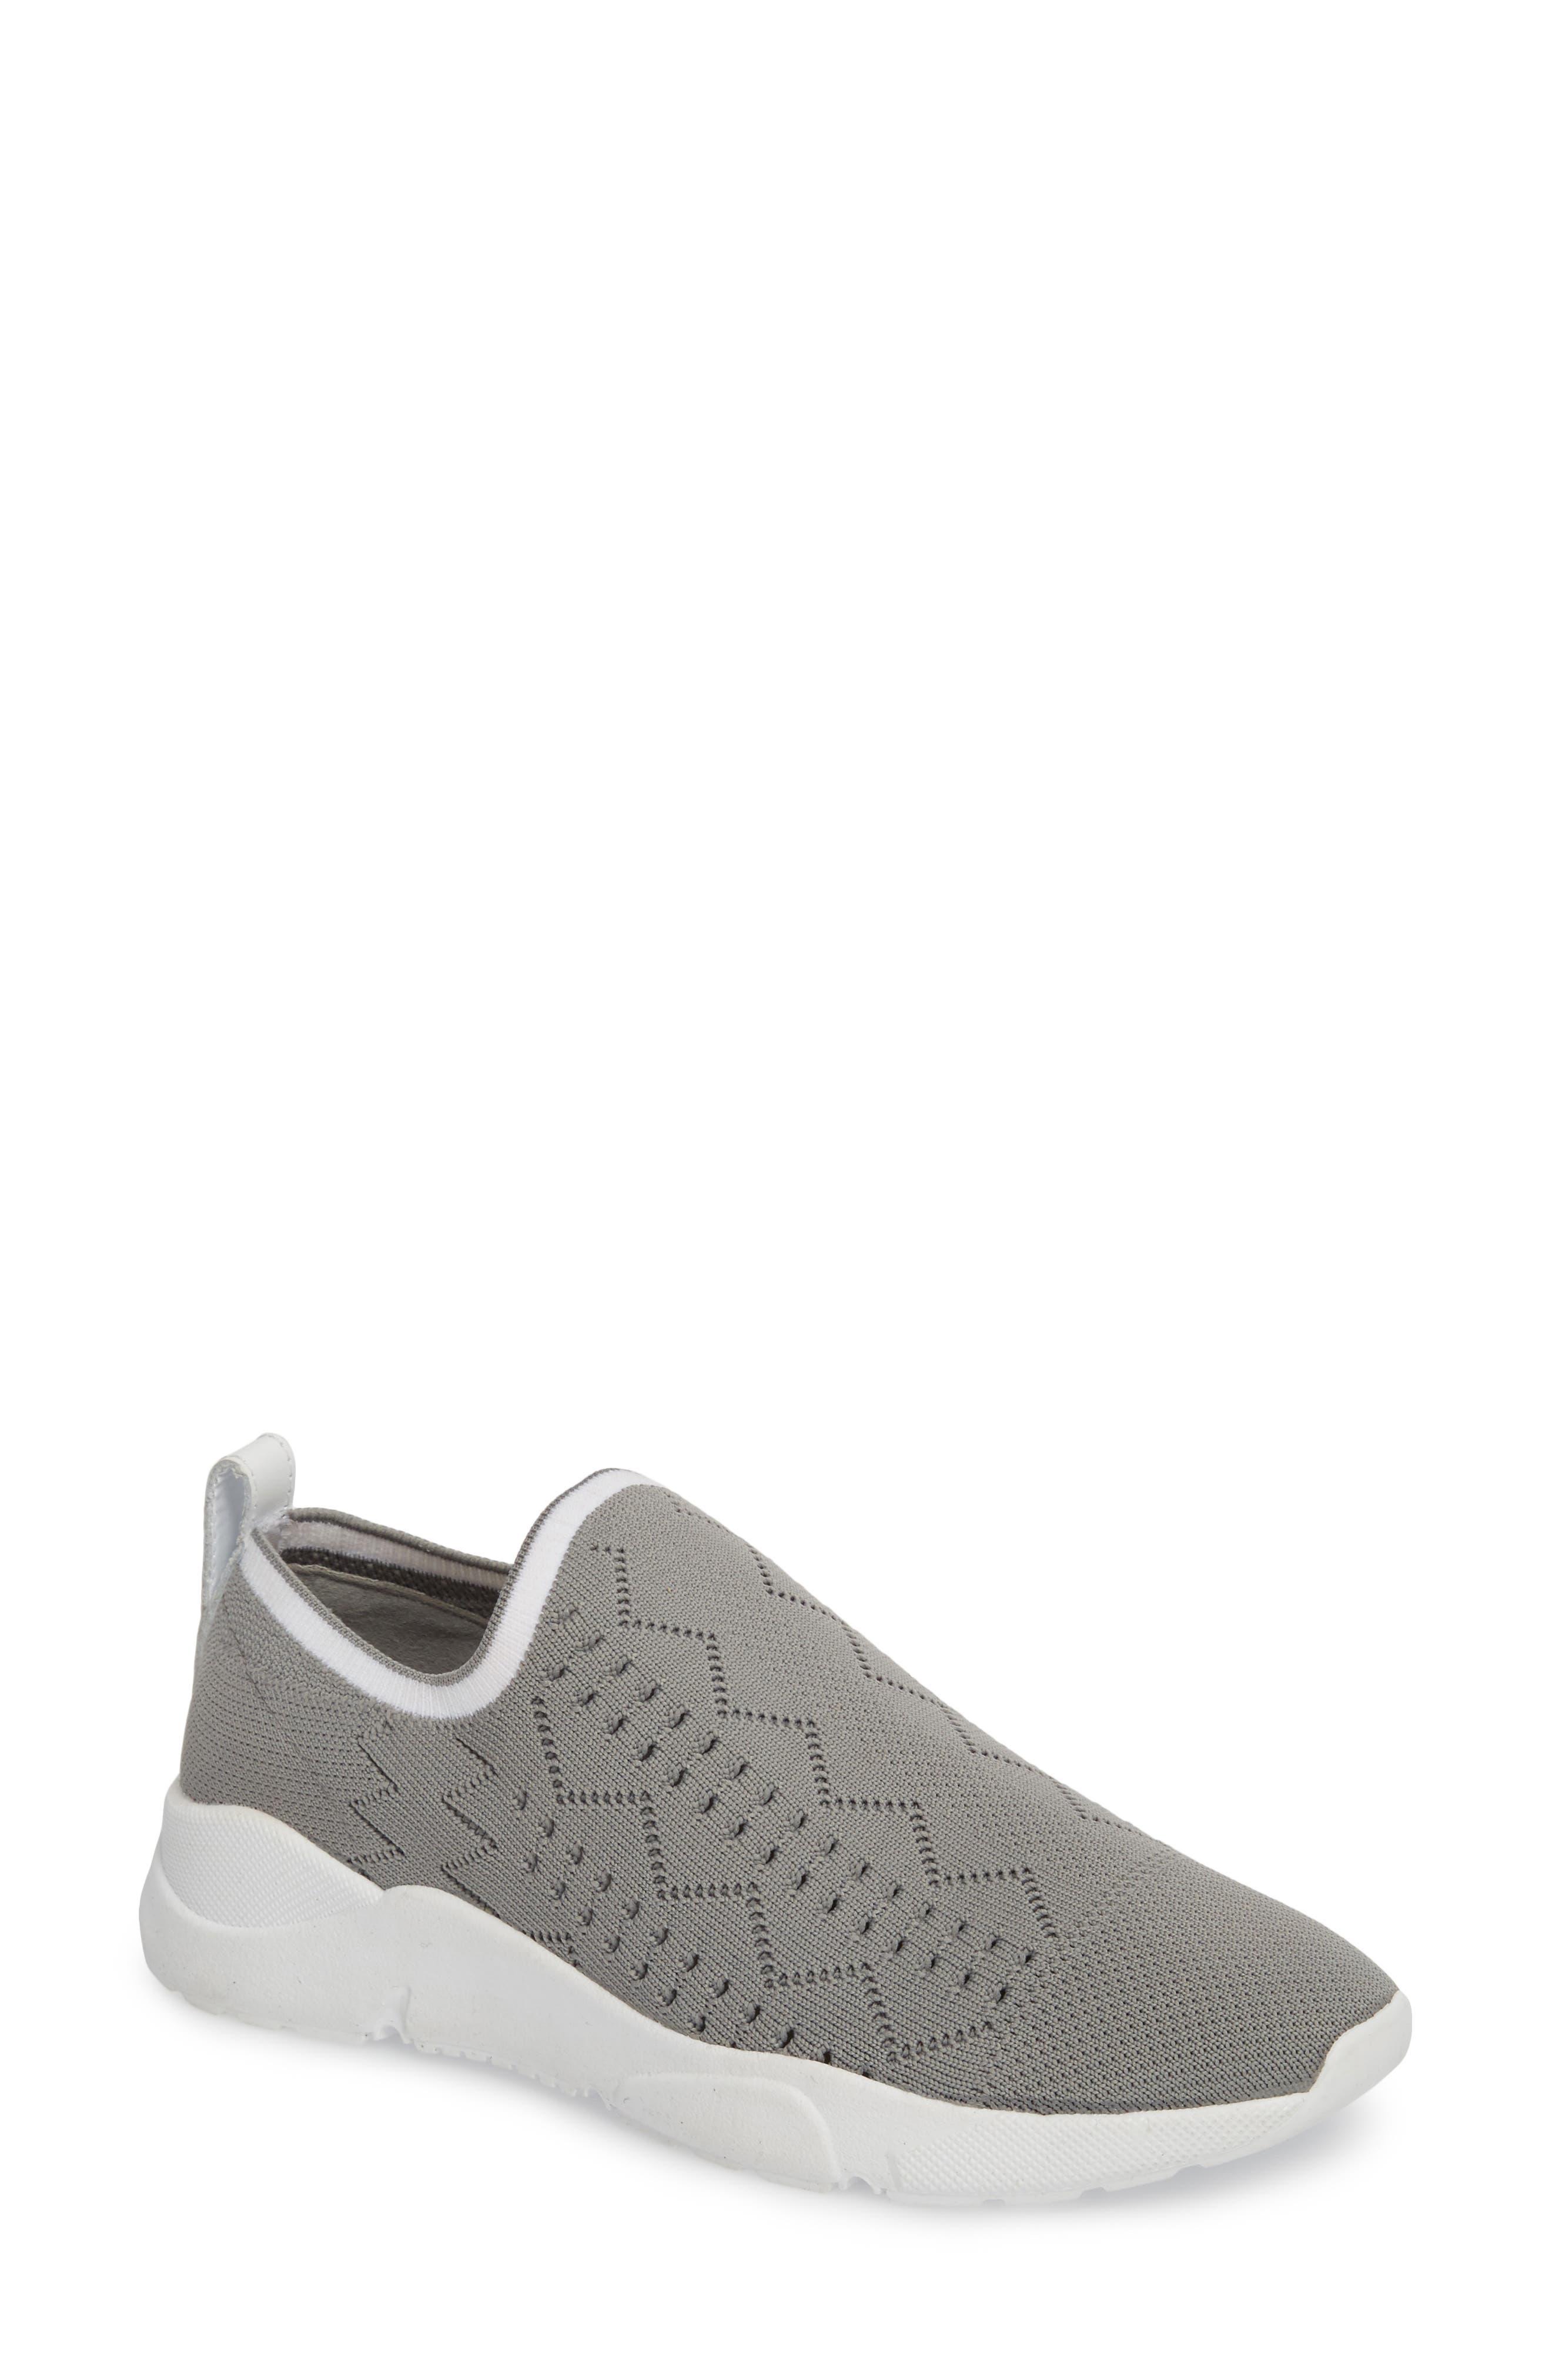 Main Image - Marc Fisher LTD Karrie Slip-On Sneaker (Women)